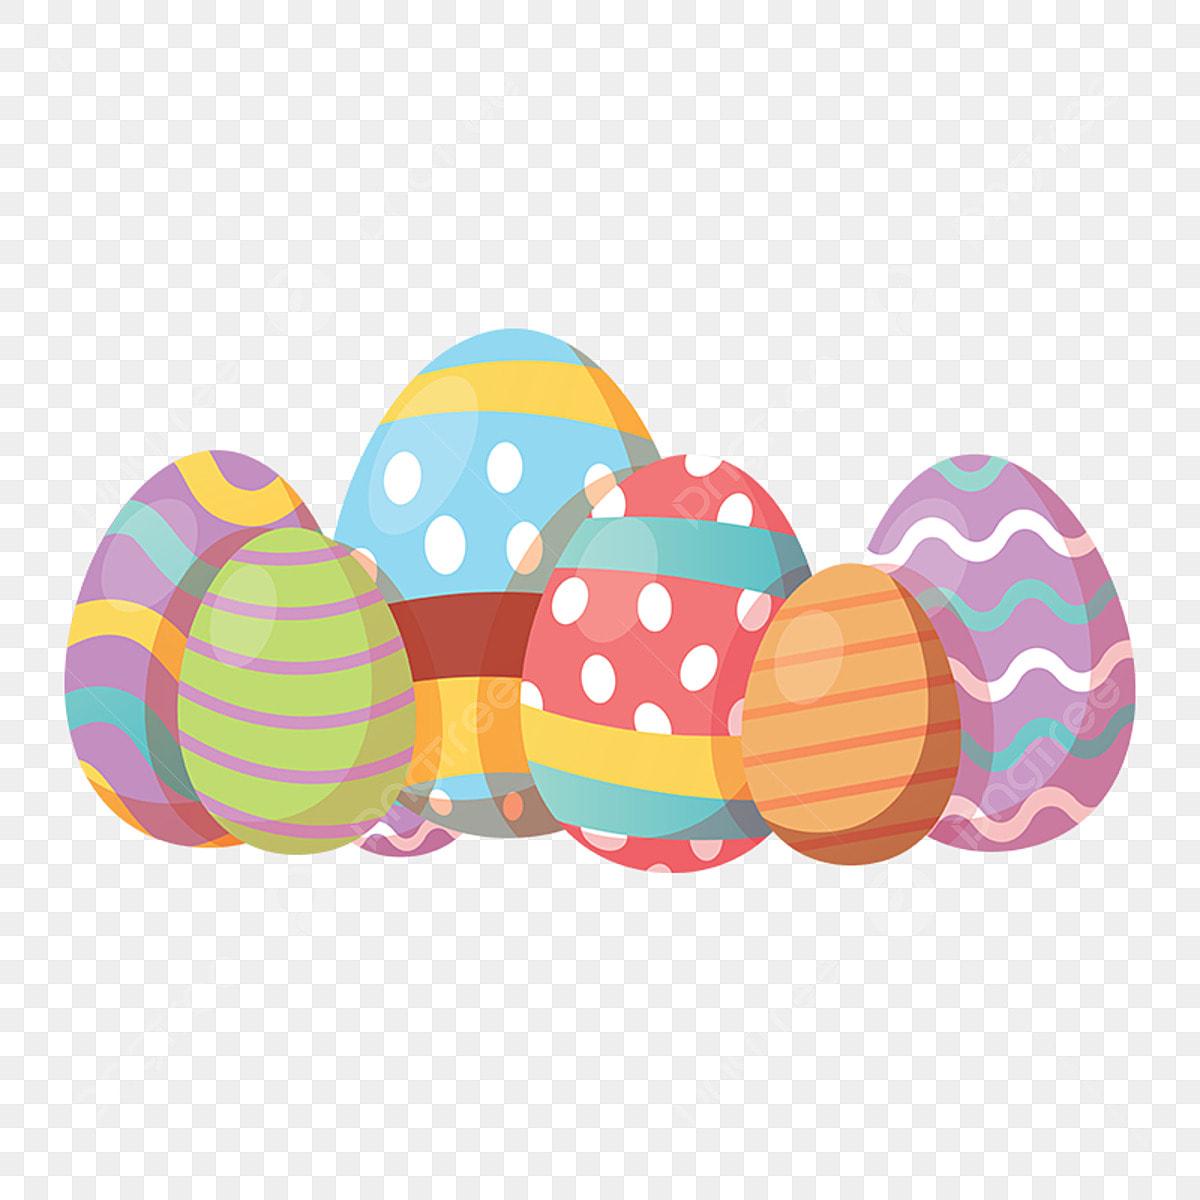 Easter Egg Clipart For Kids Easter Day Easter - Easter Egg Clipart Png  Transparent Png (#15532) - PinClipart